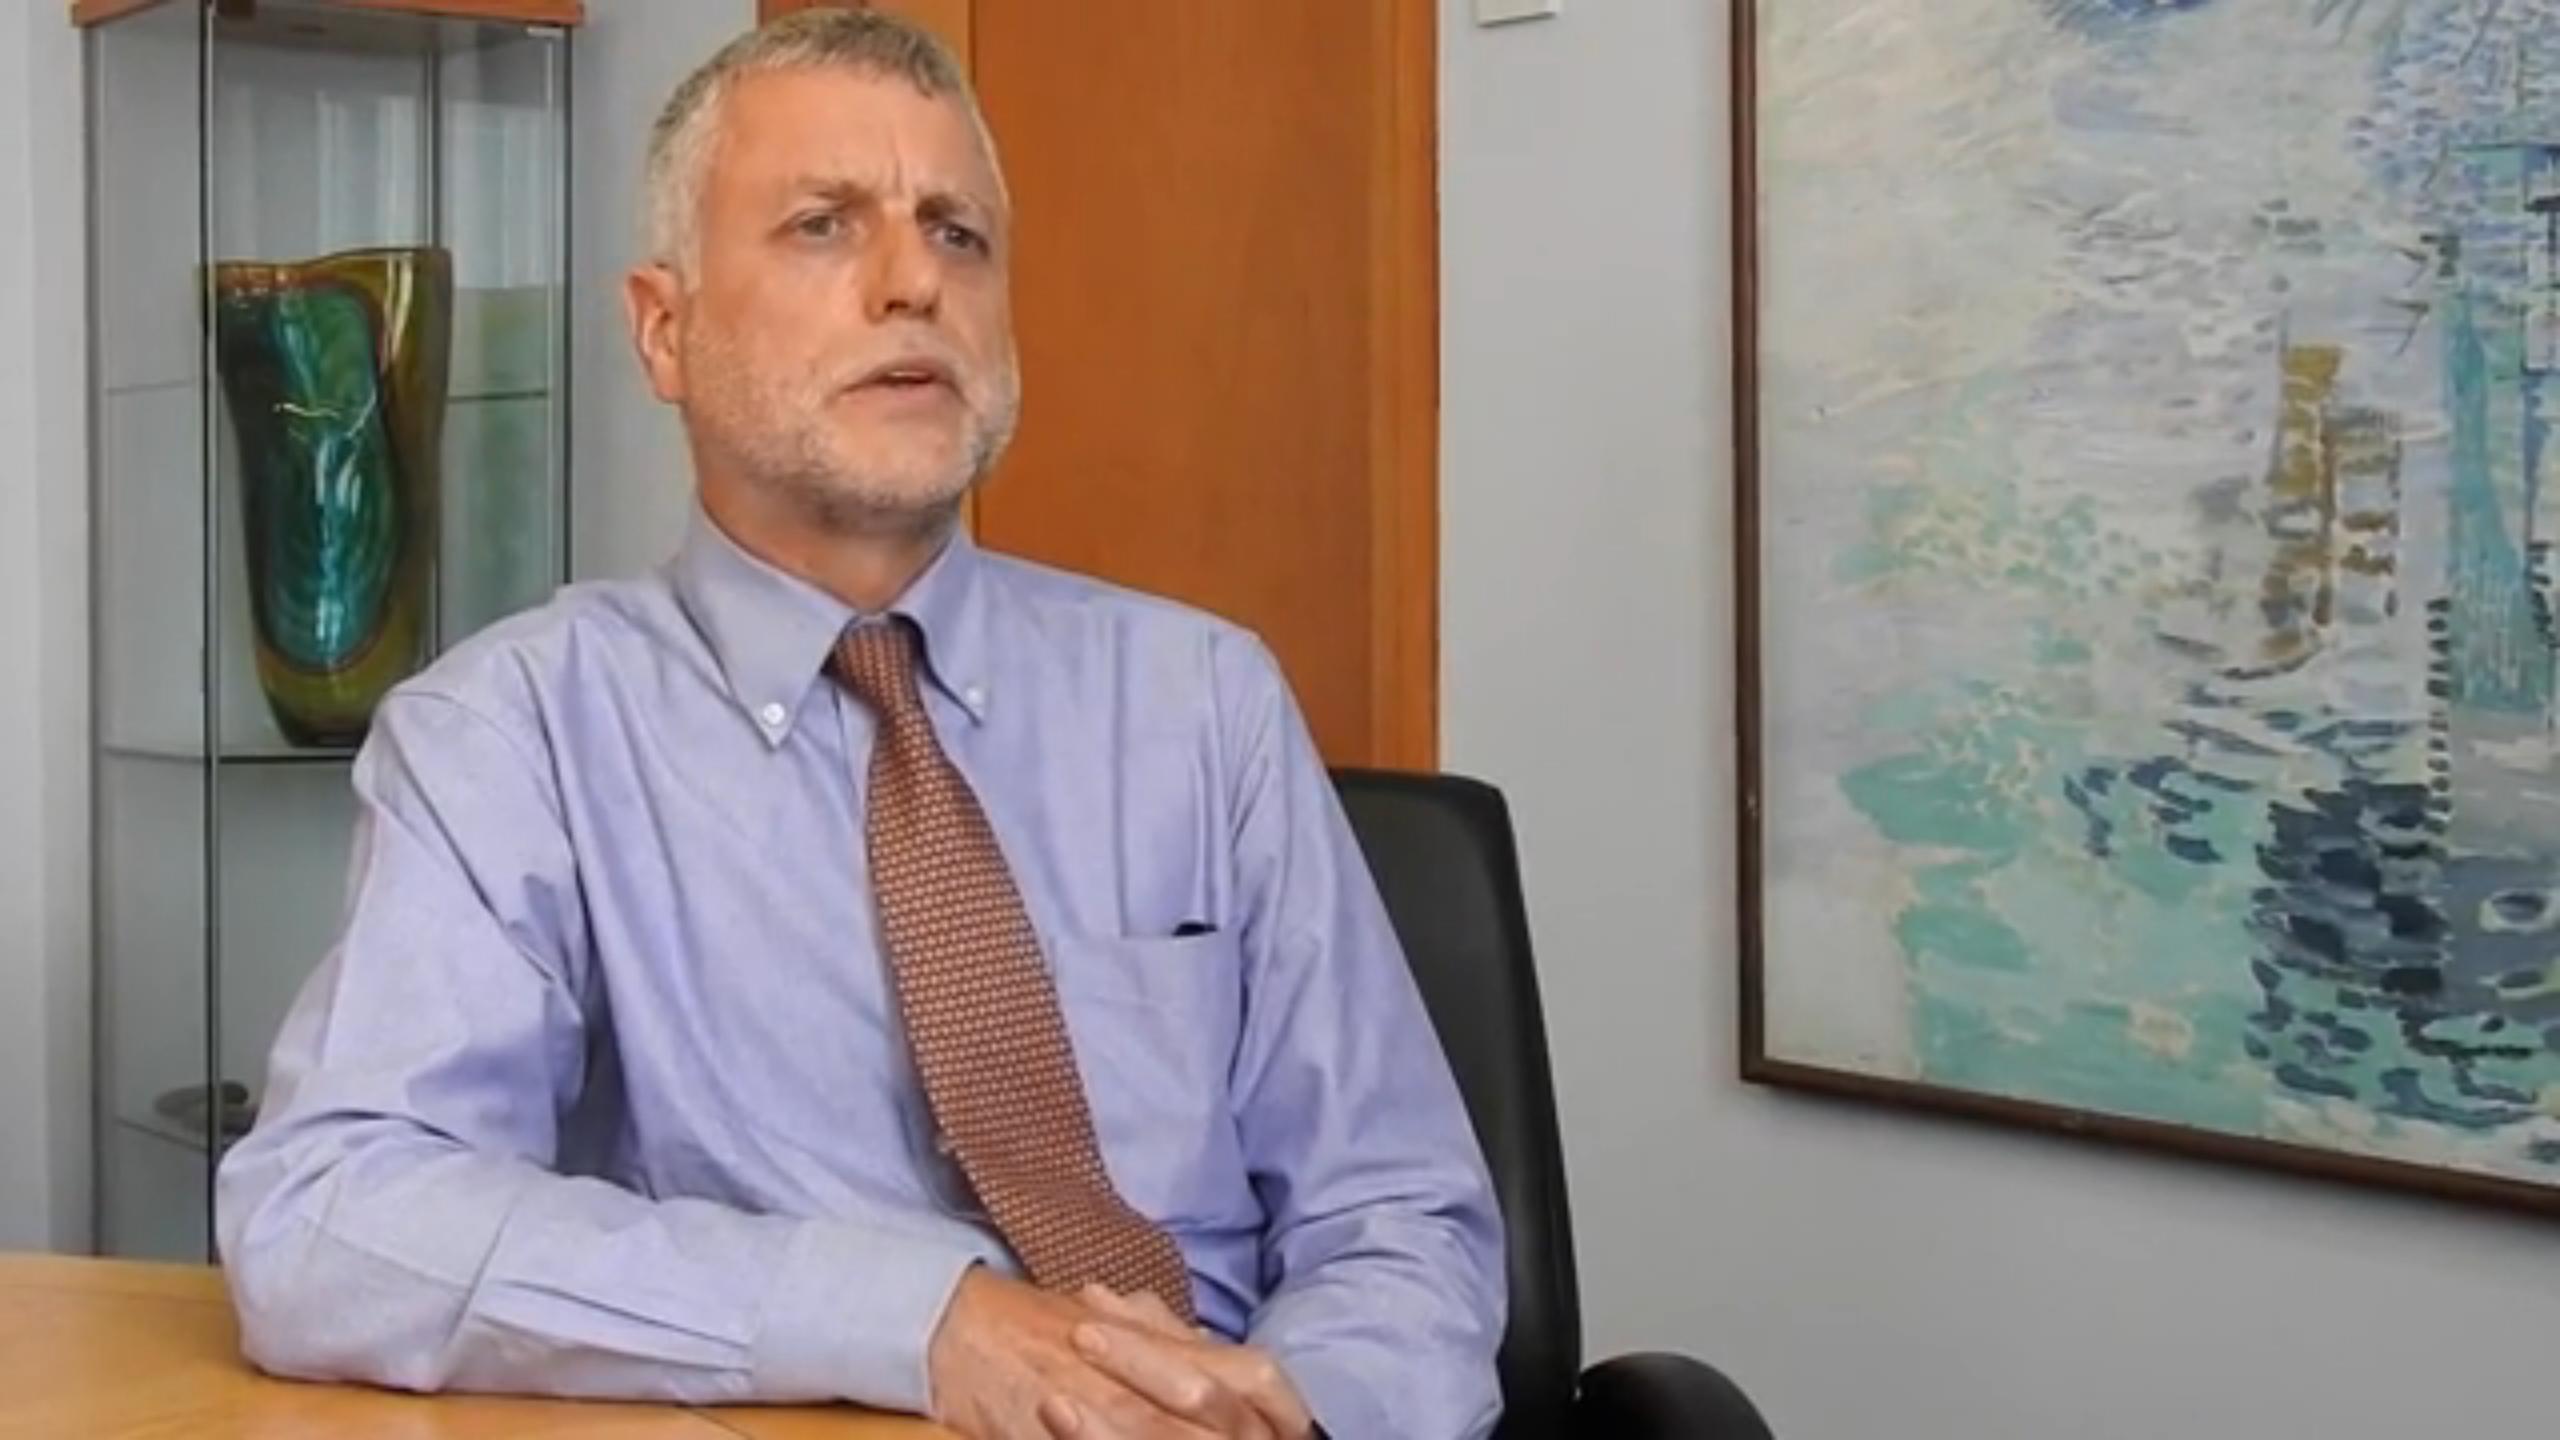 Highland education director Bill Alexander